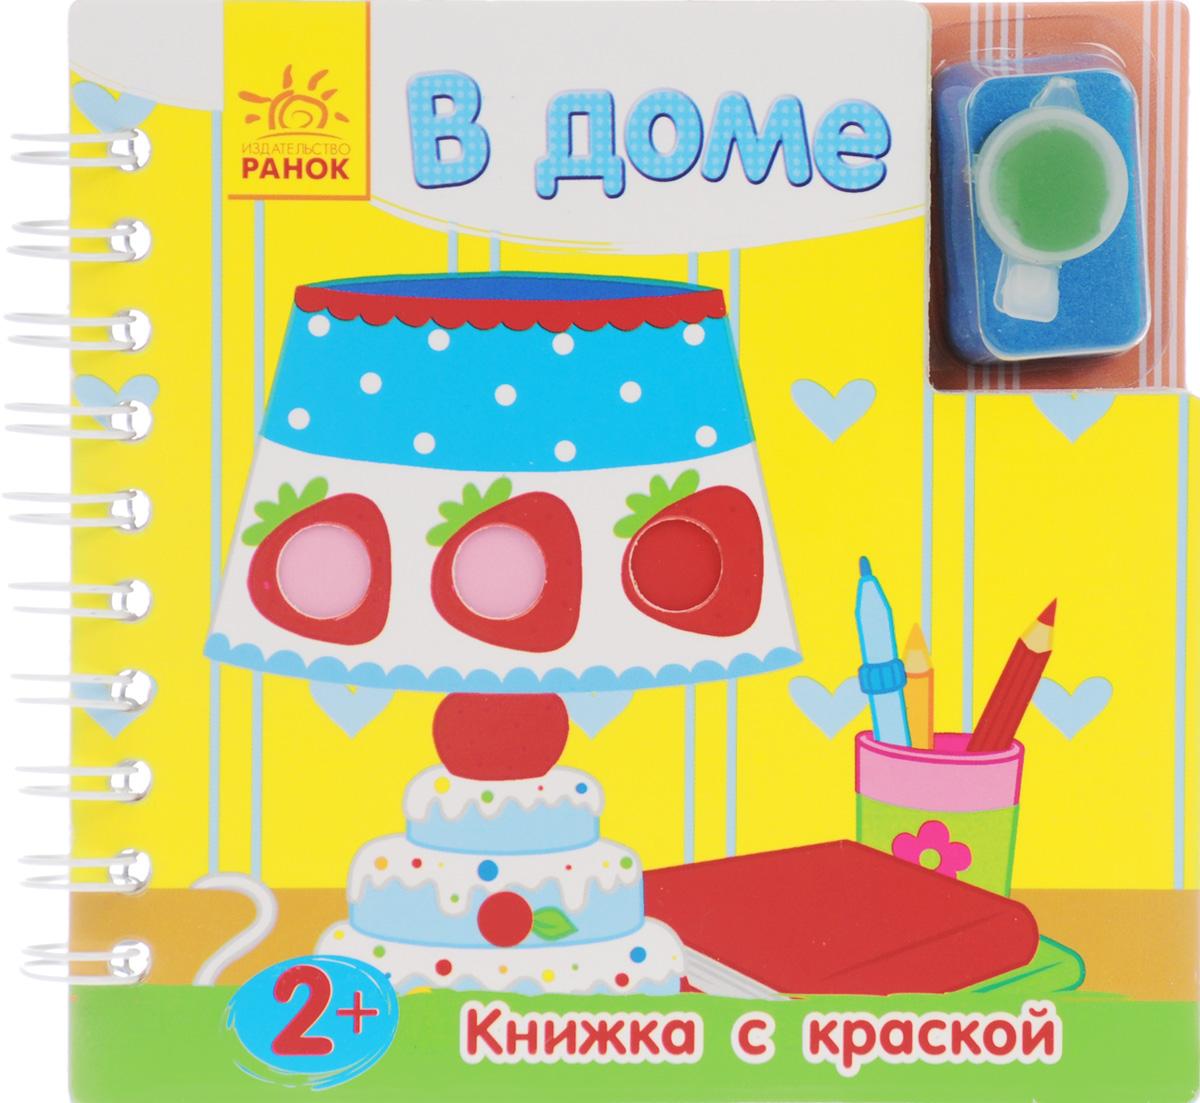 Купить В доме. Книжка с краской